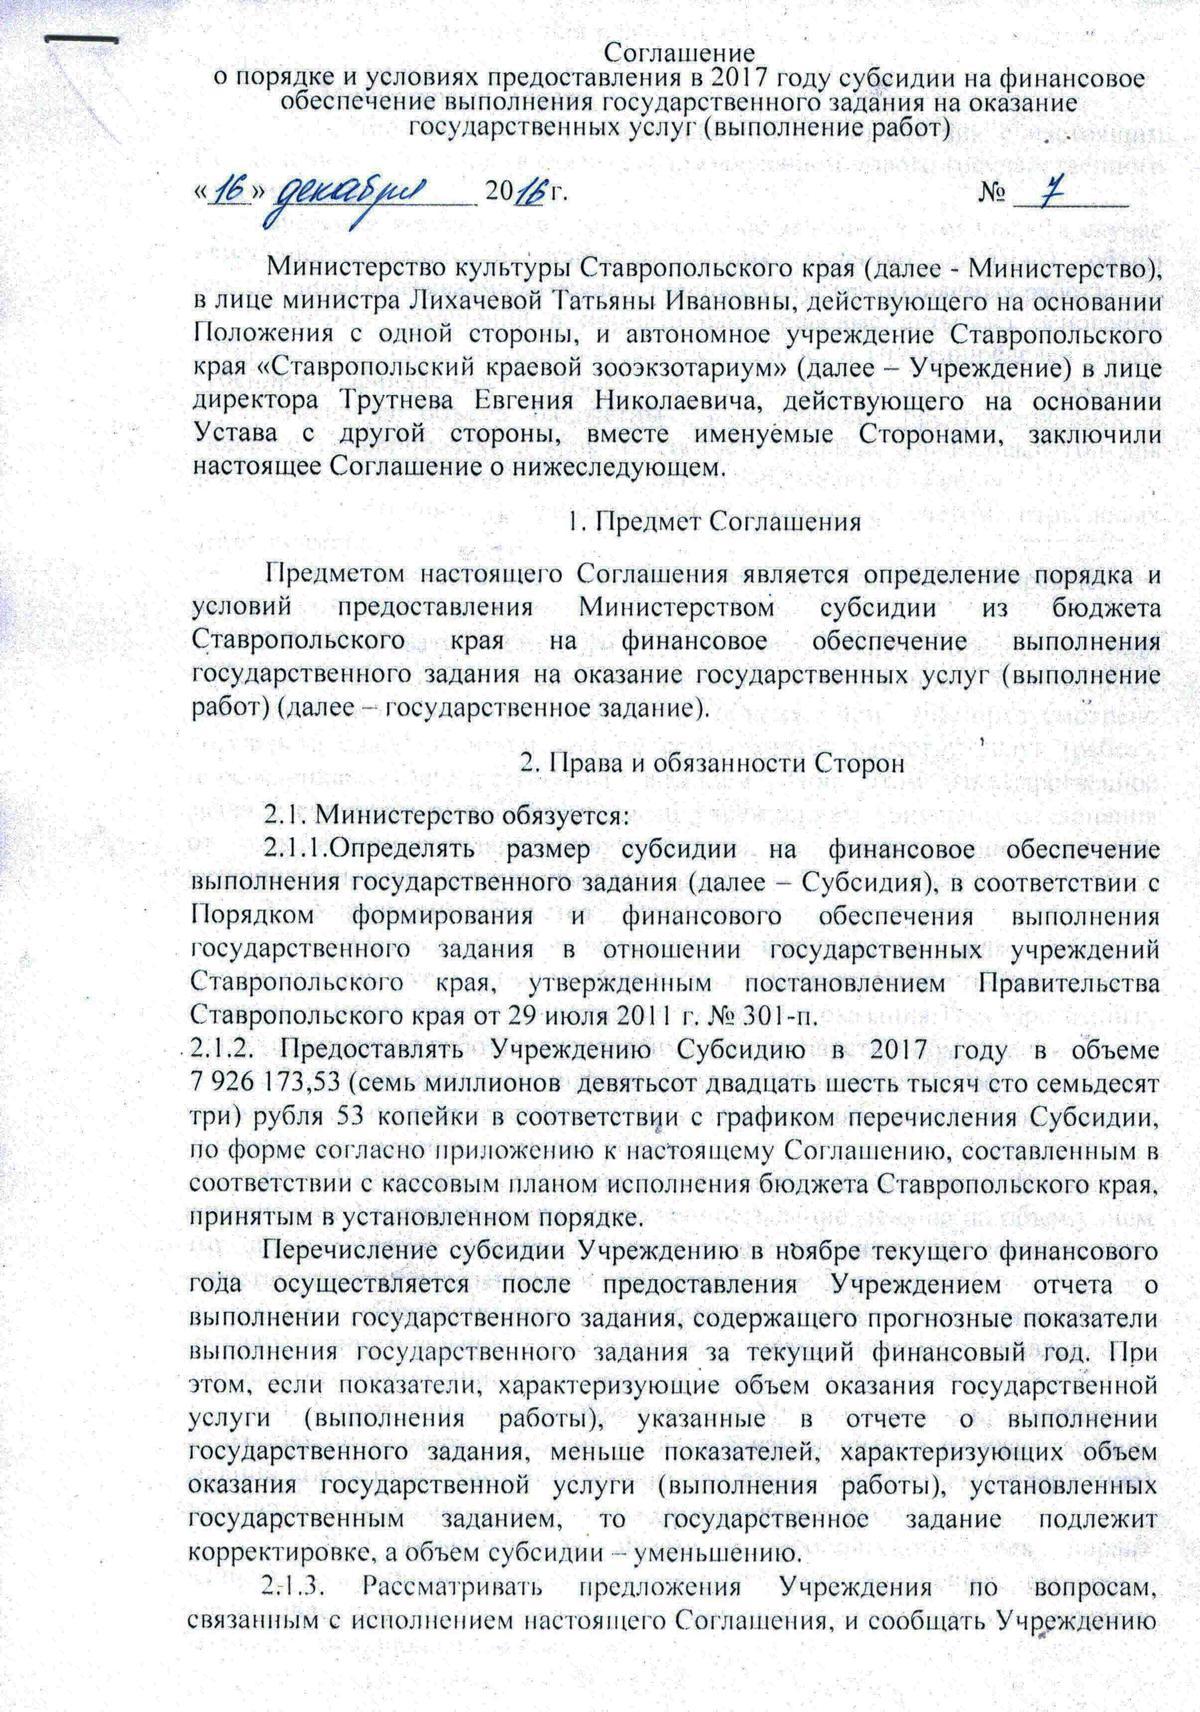 Соглашение о субсидии 2017 стр.1